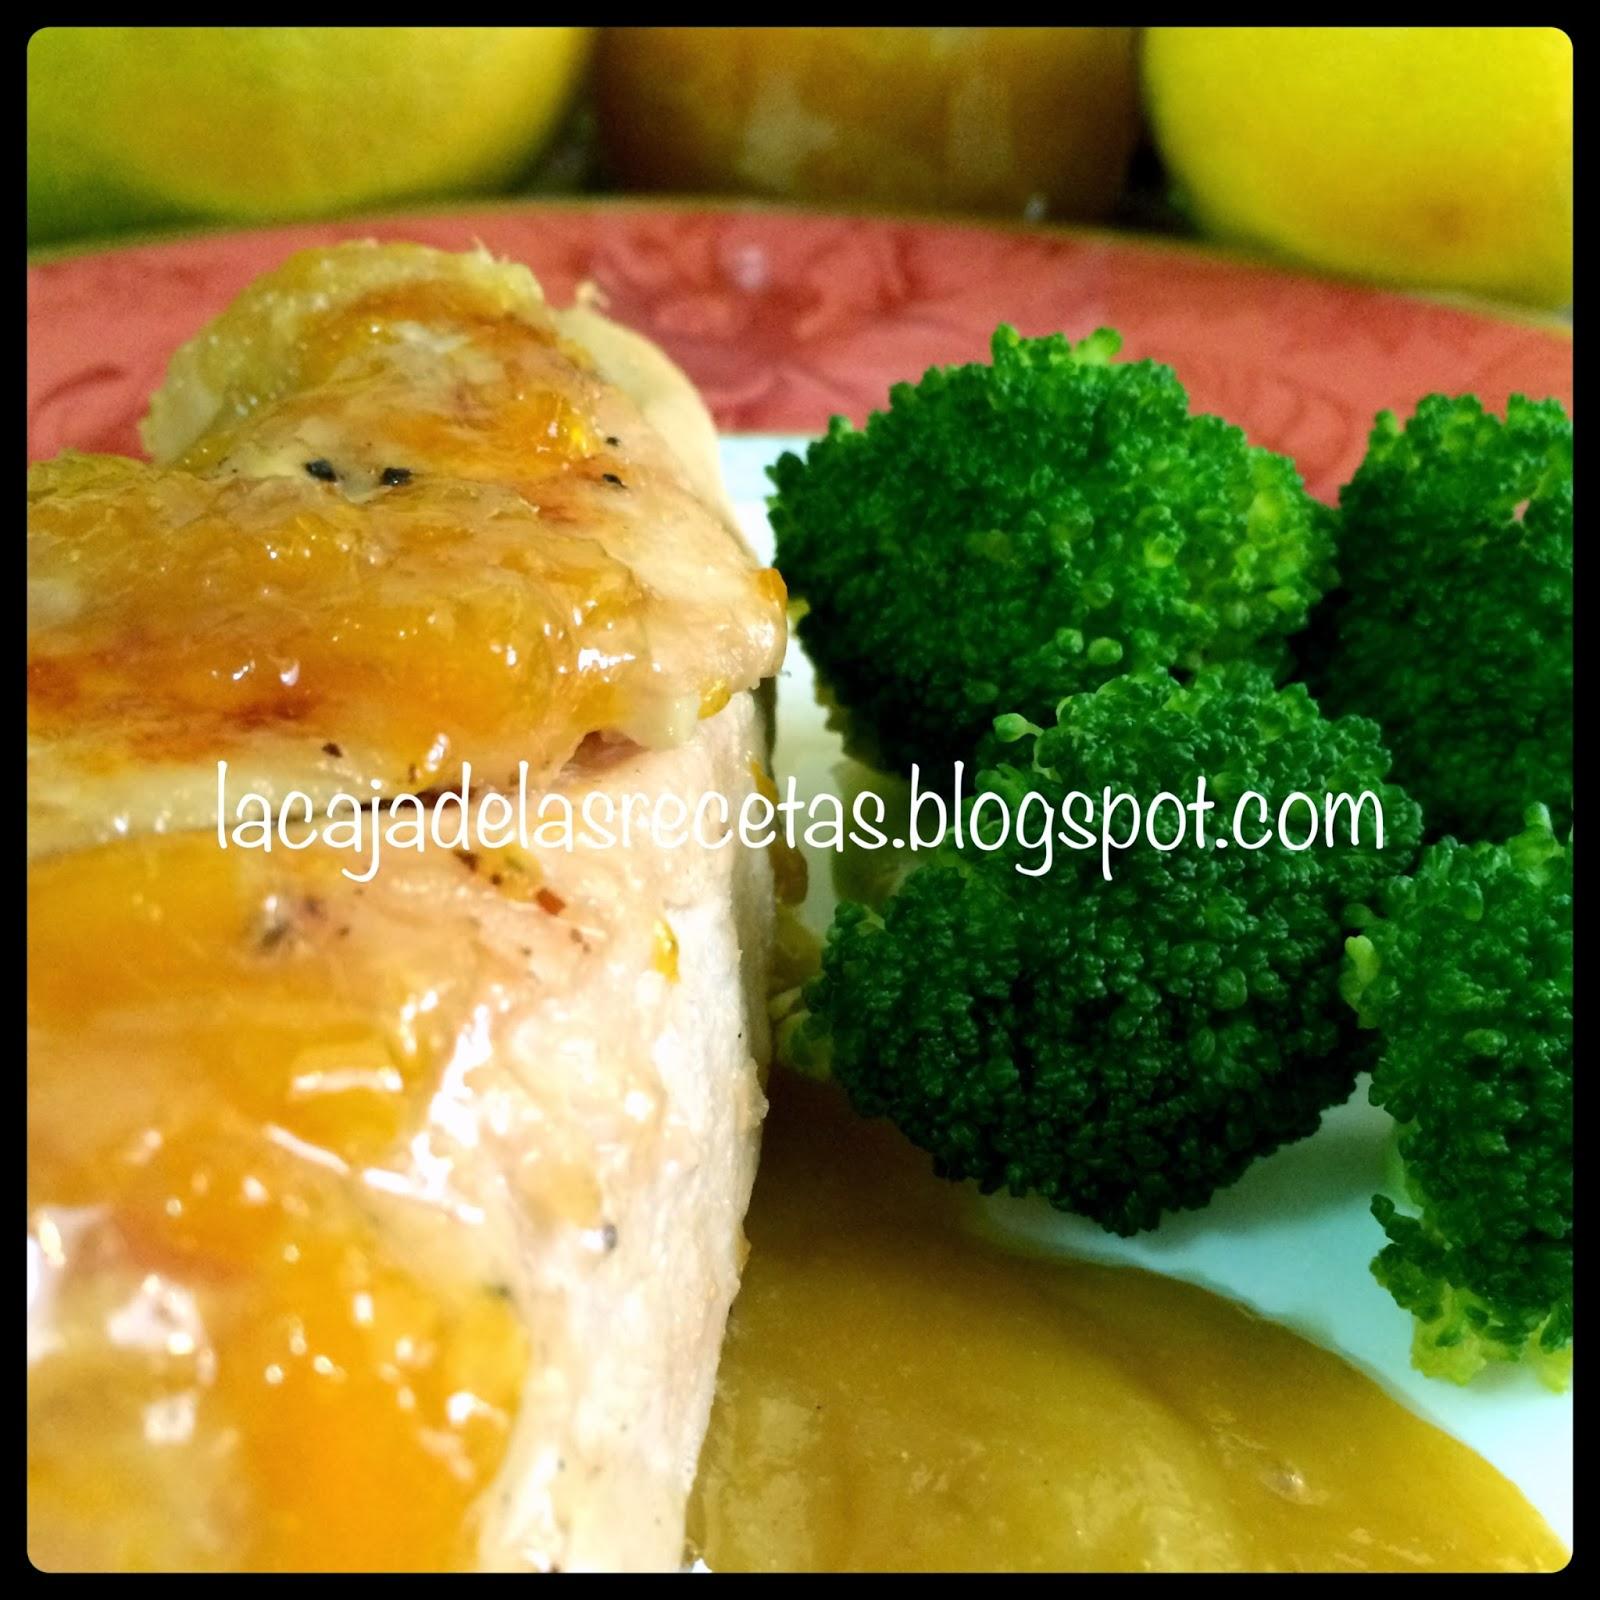 http://lacajadelasrecetas.blogspot.com.es/2014/02/pechugas-de-pollo-con-pure-de-puerros-y.html